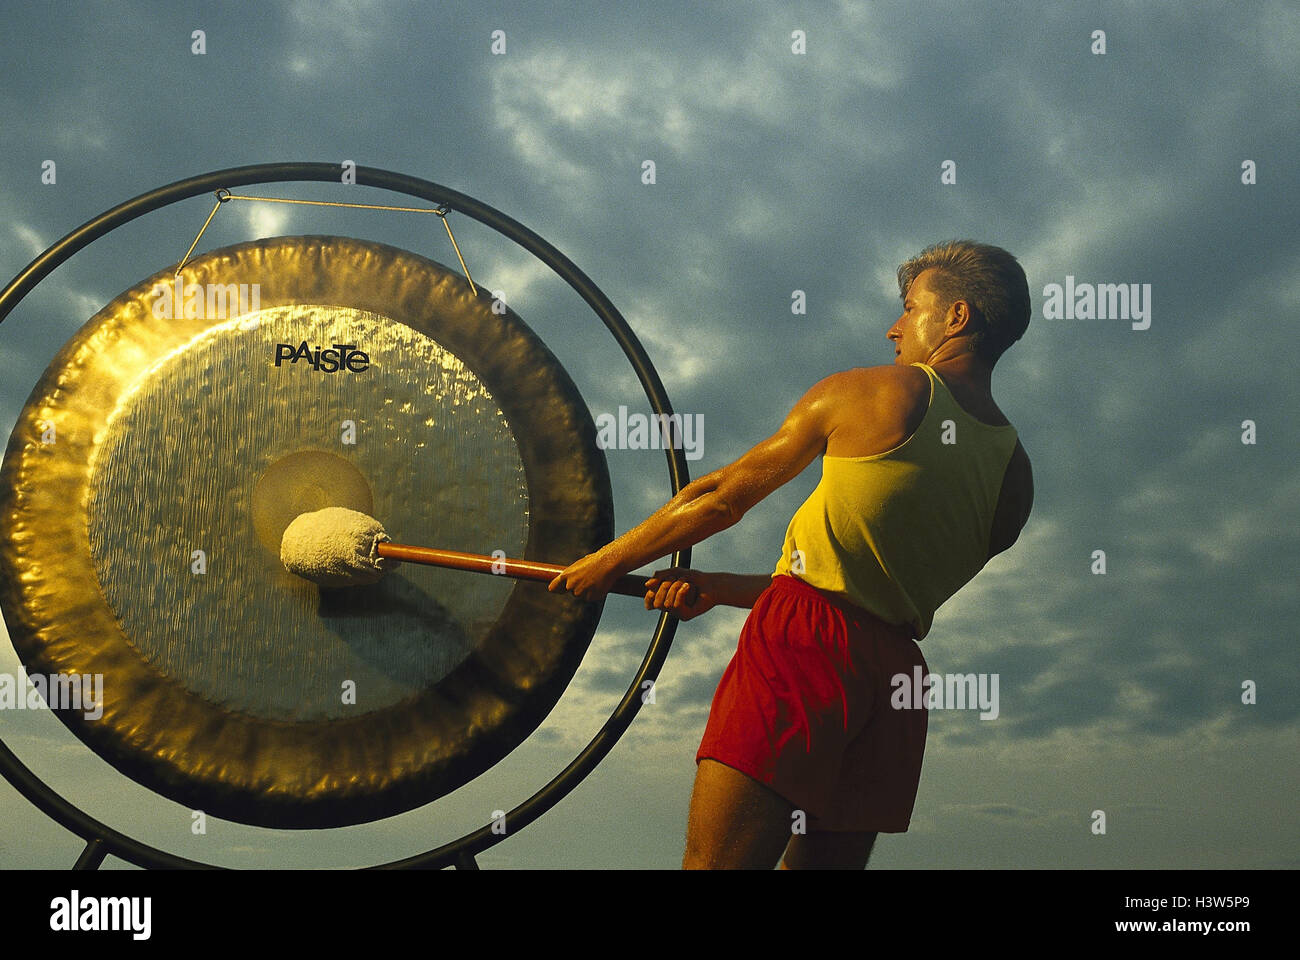 L'uomo, gong, hit, segnale, tono, cultura, tradizione, in cinese, asiatici, martello, colpo, in gran parte, Immagini Stock